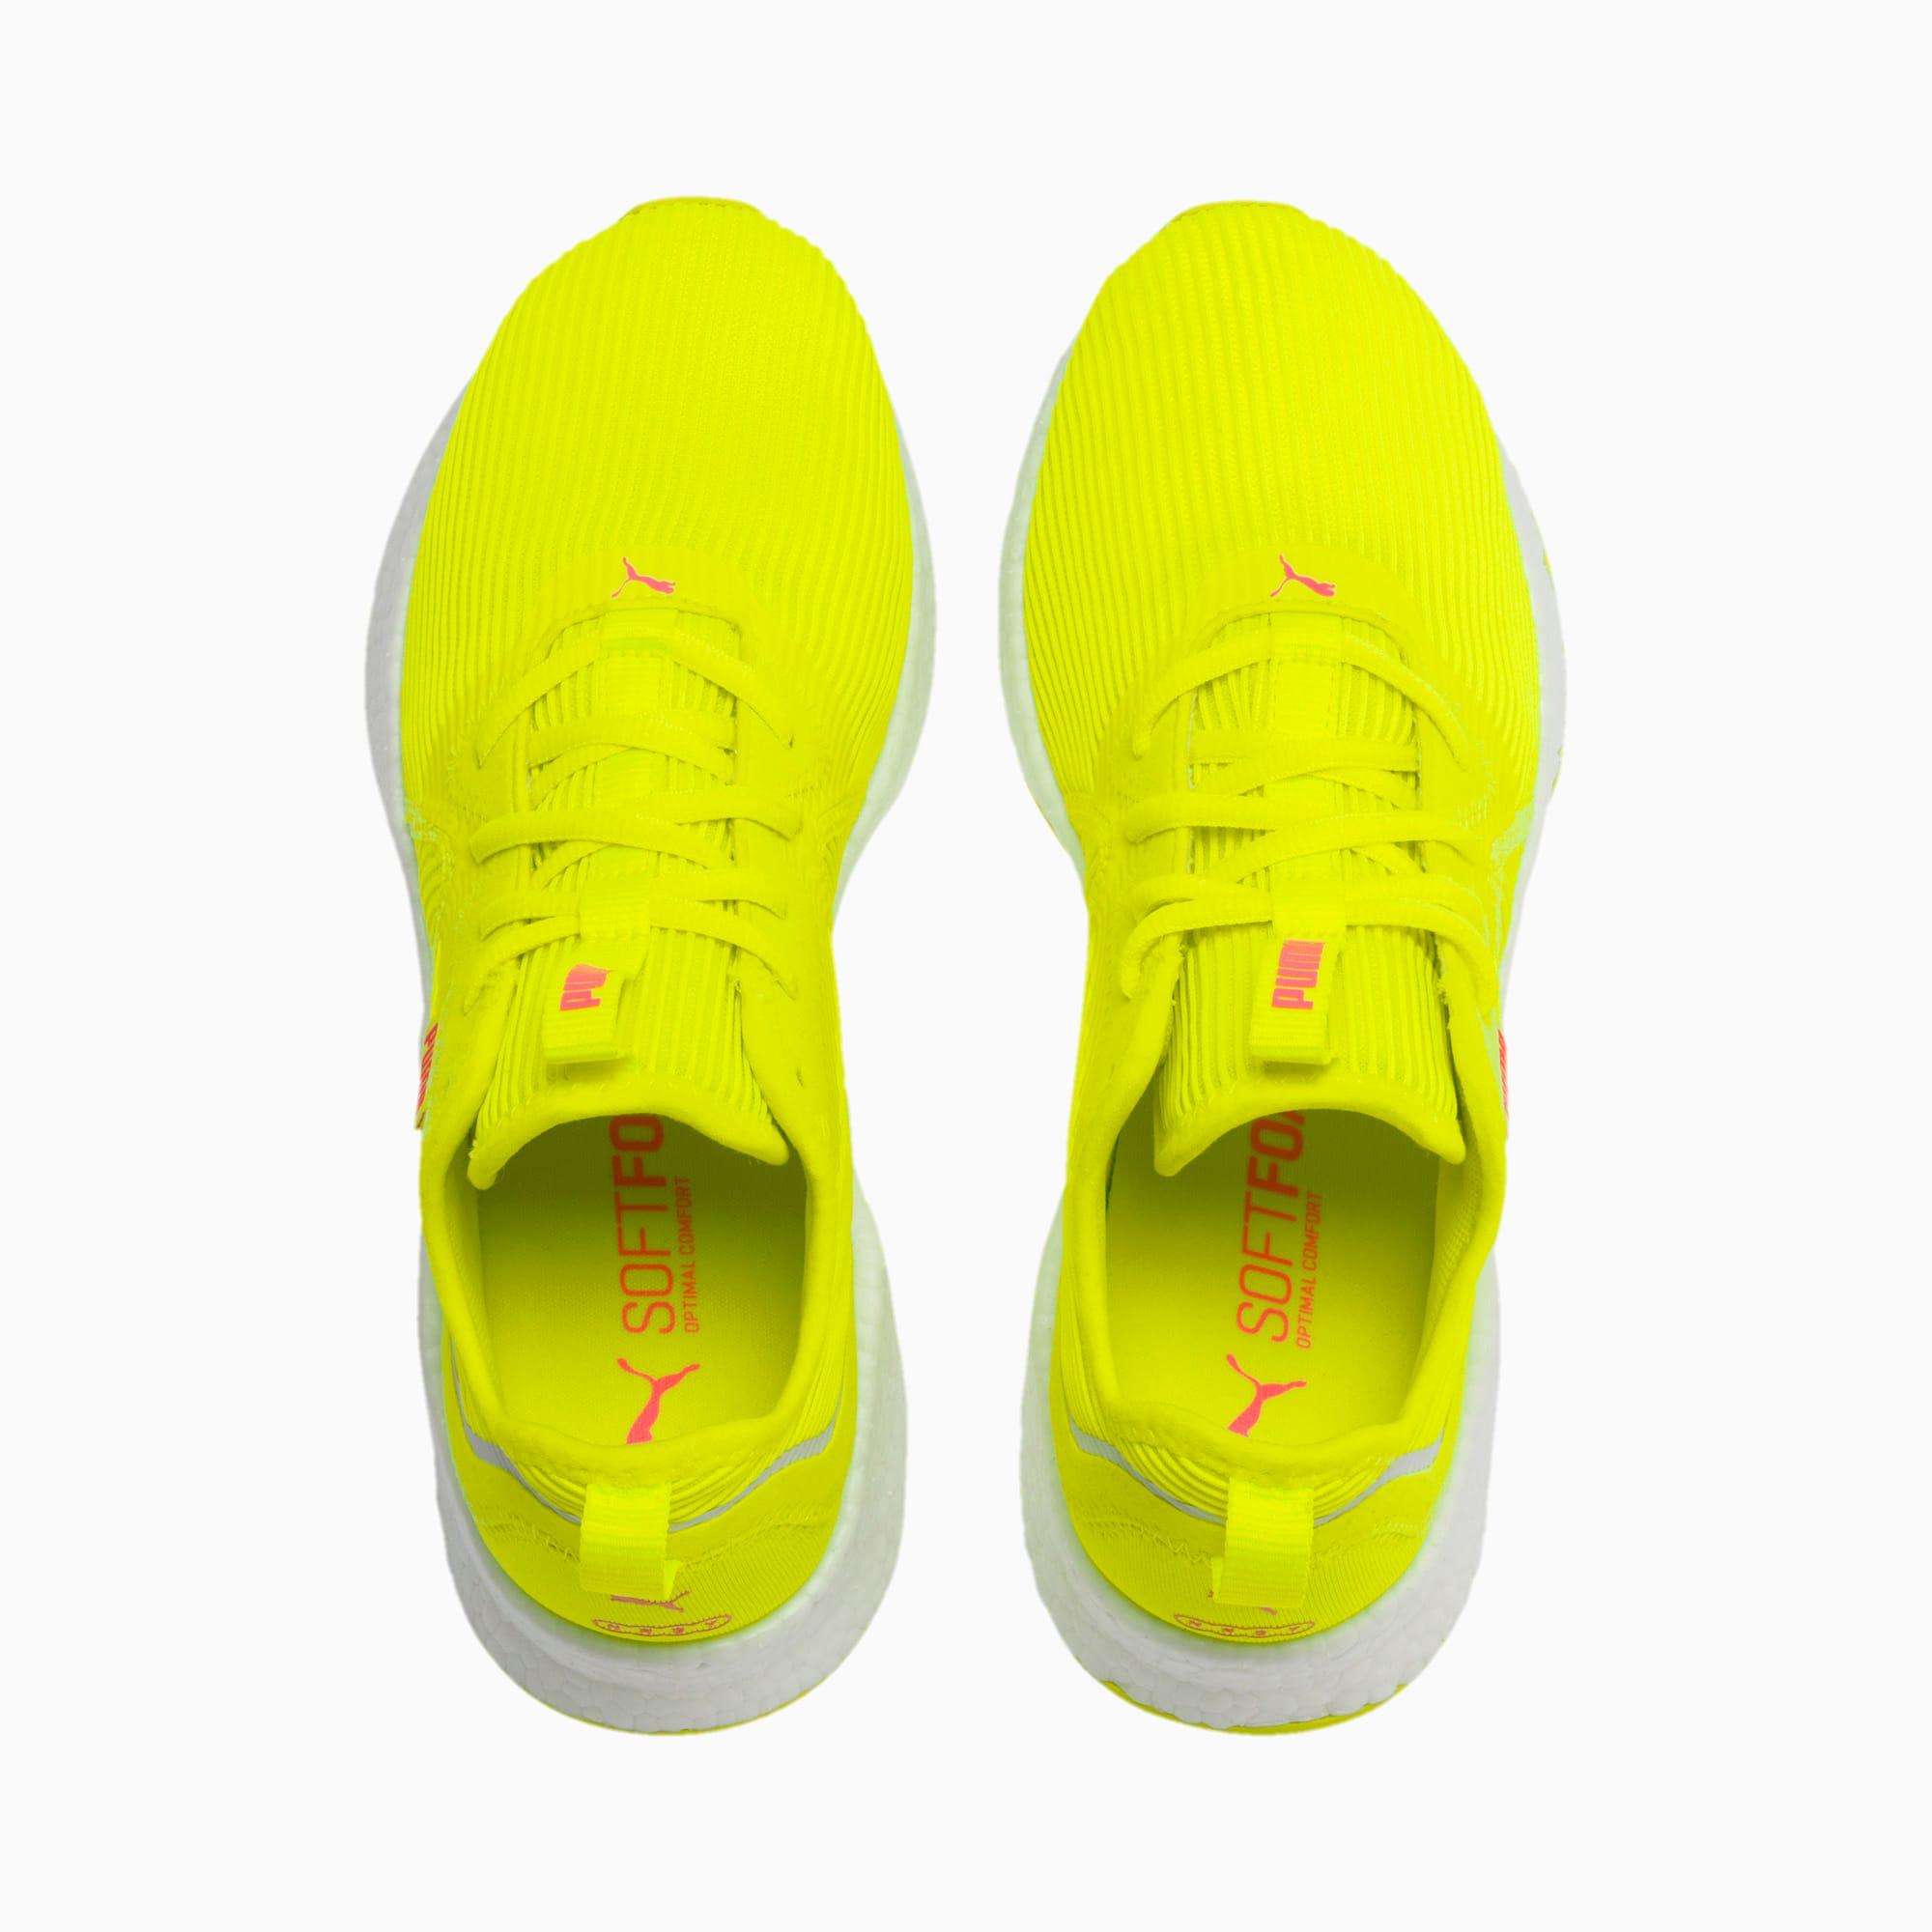 NRGY Star Femme Women's Running Shoes